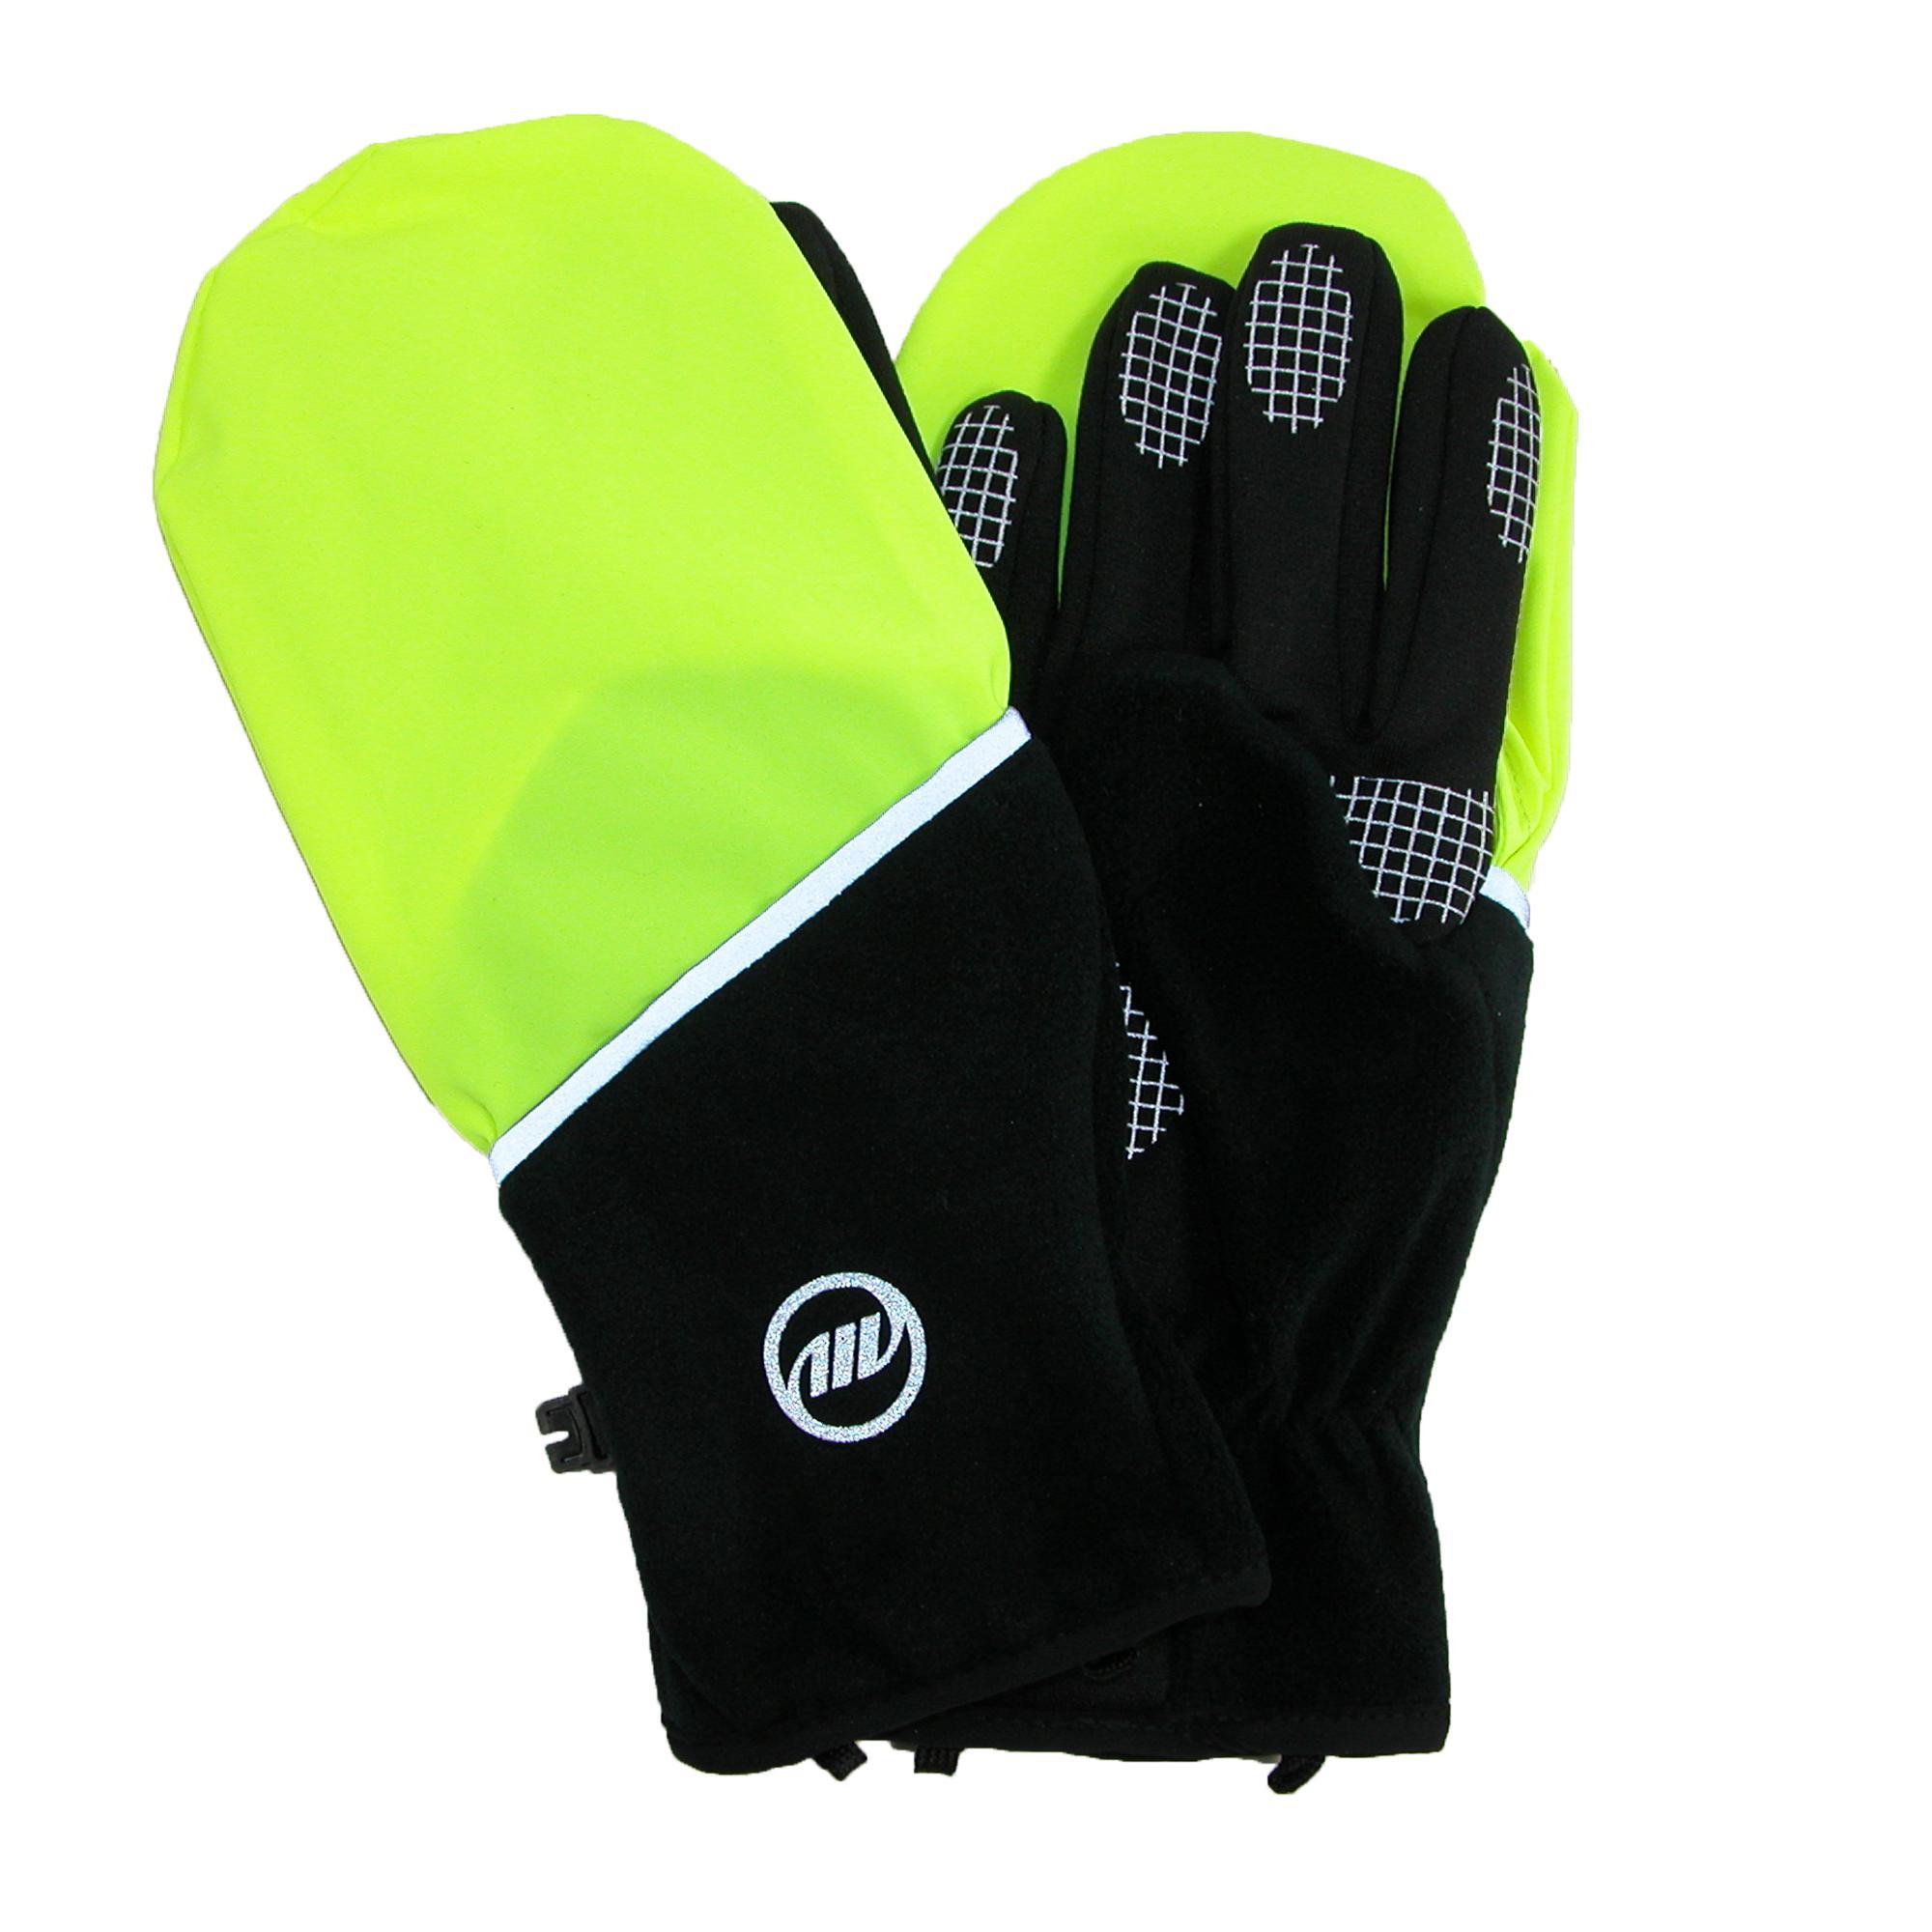 Manzella Mens Hatchback Convertible Wind Resistant Running Glove